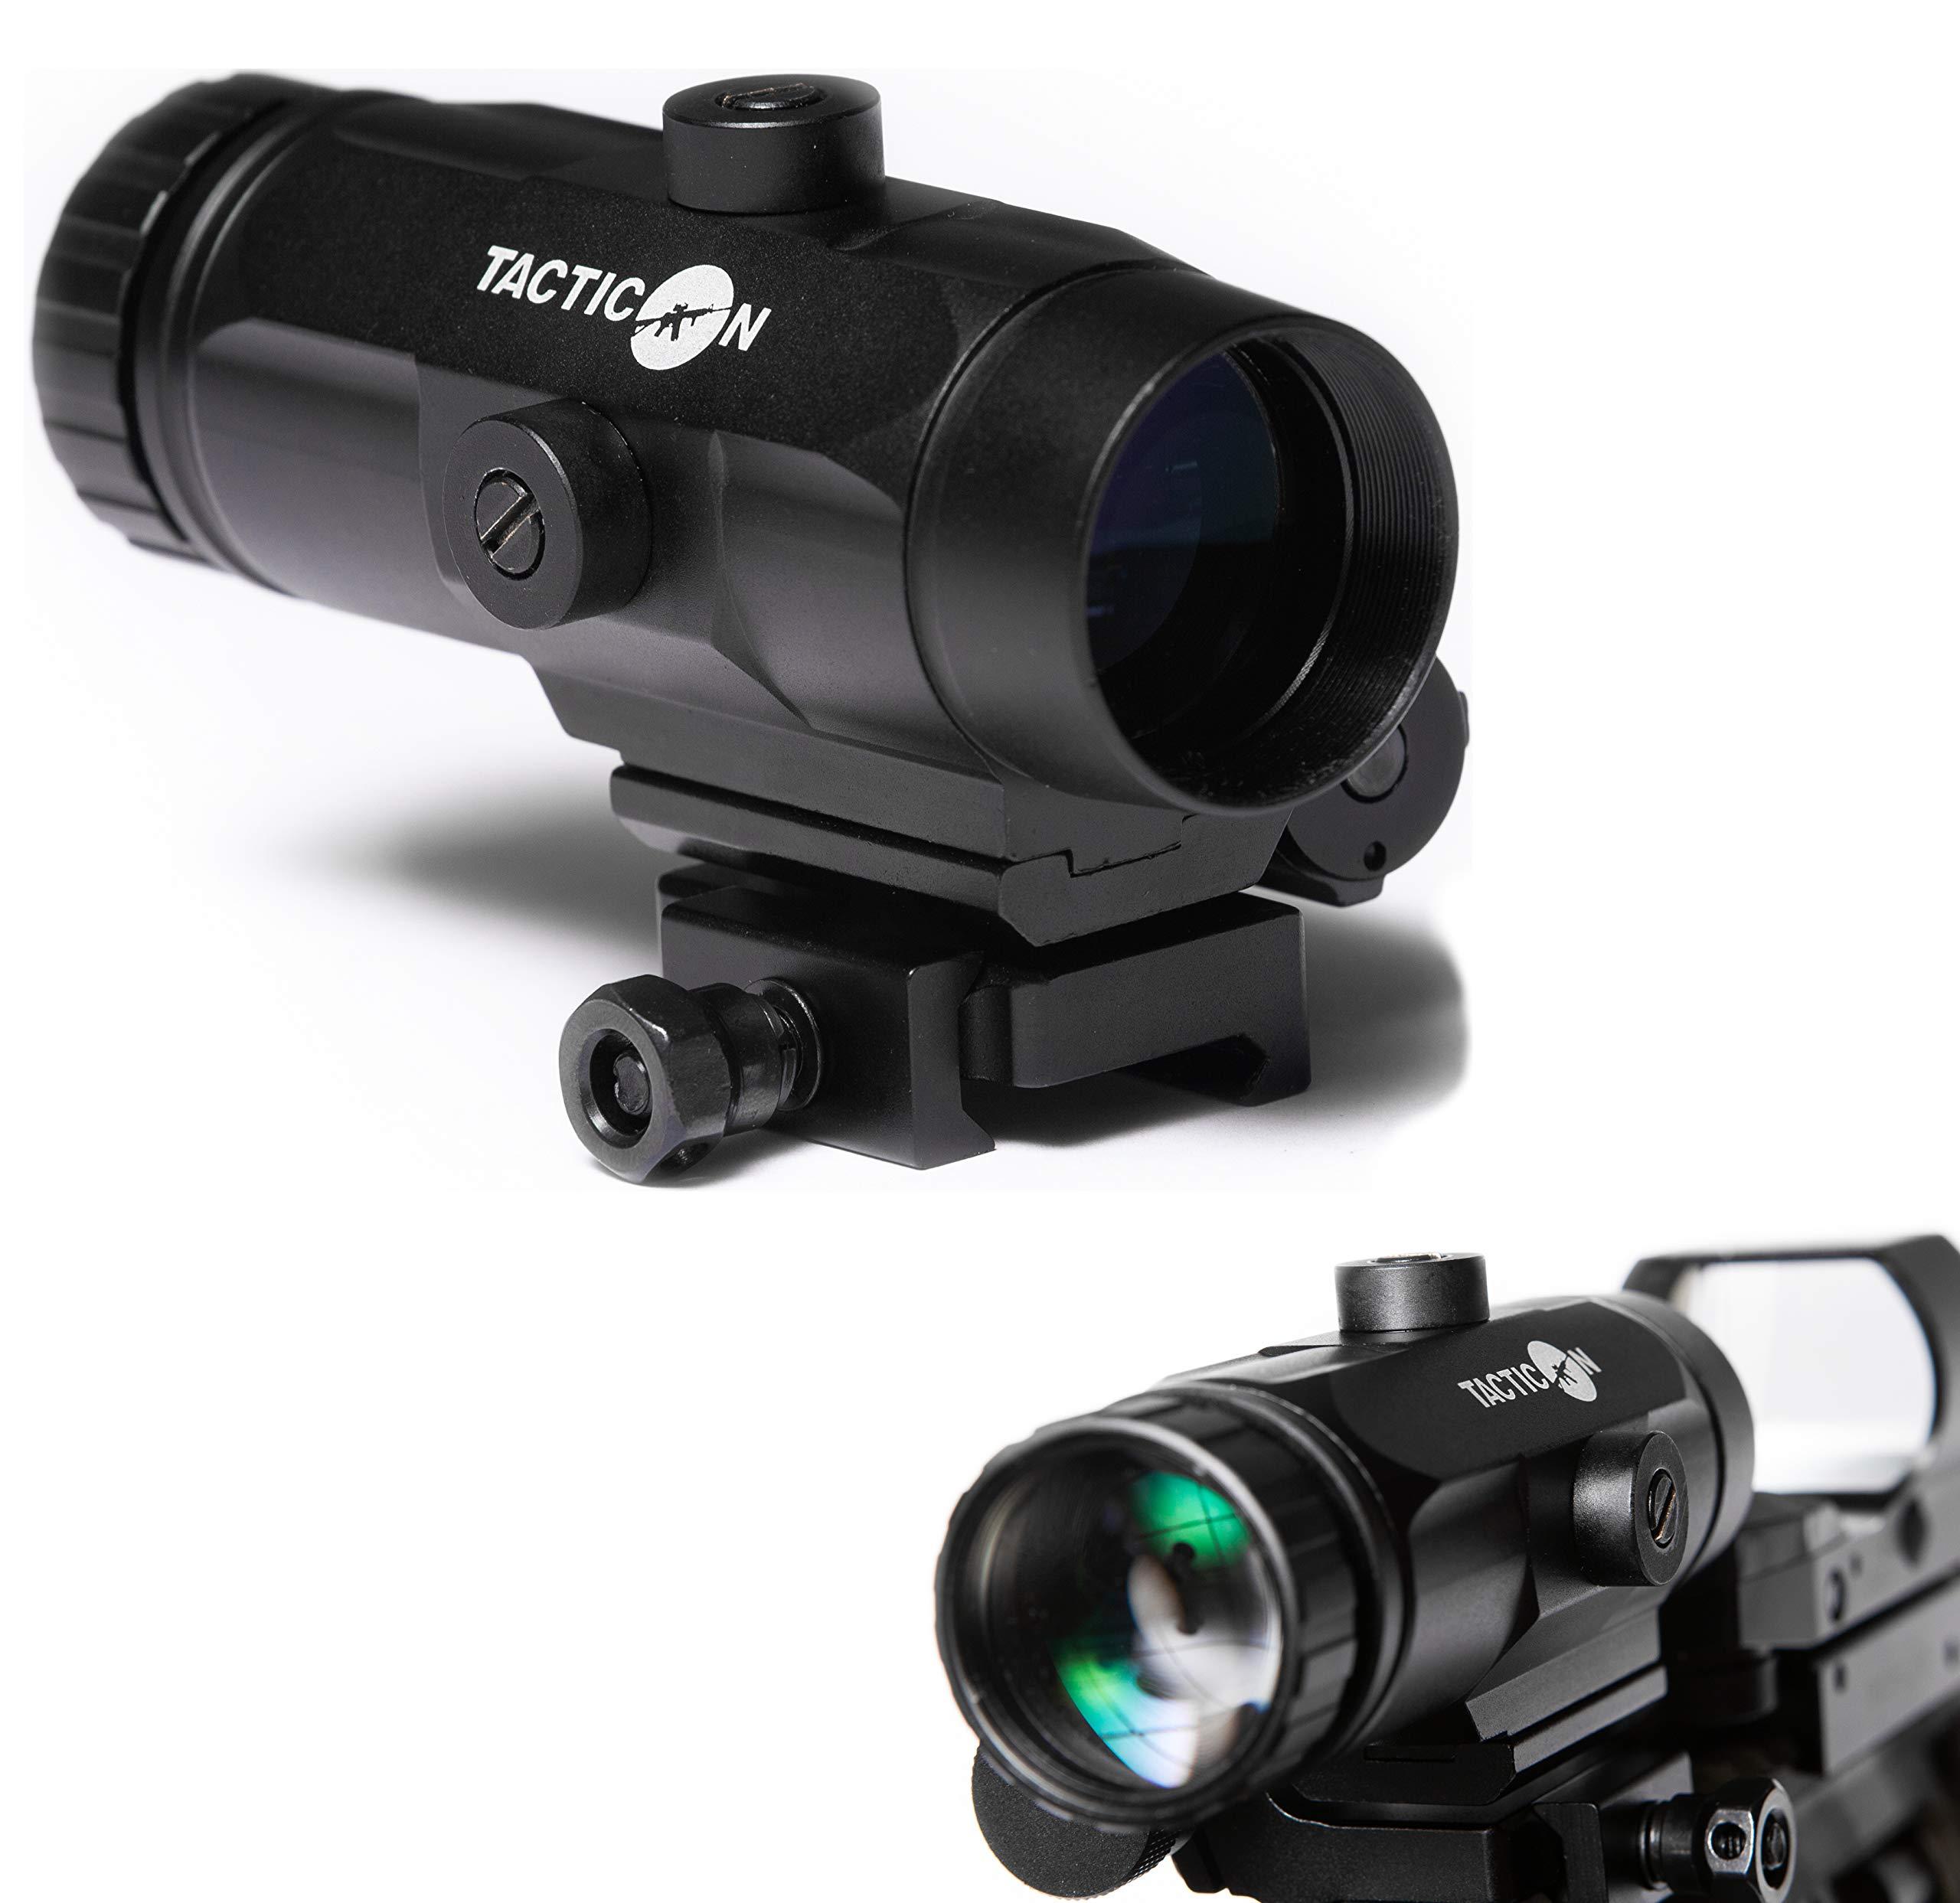 Tacticon Falcon V1 3X Magnifier